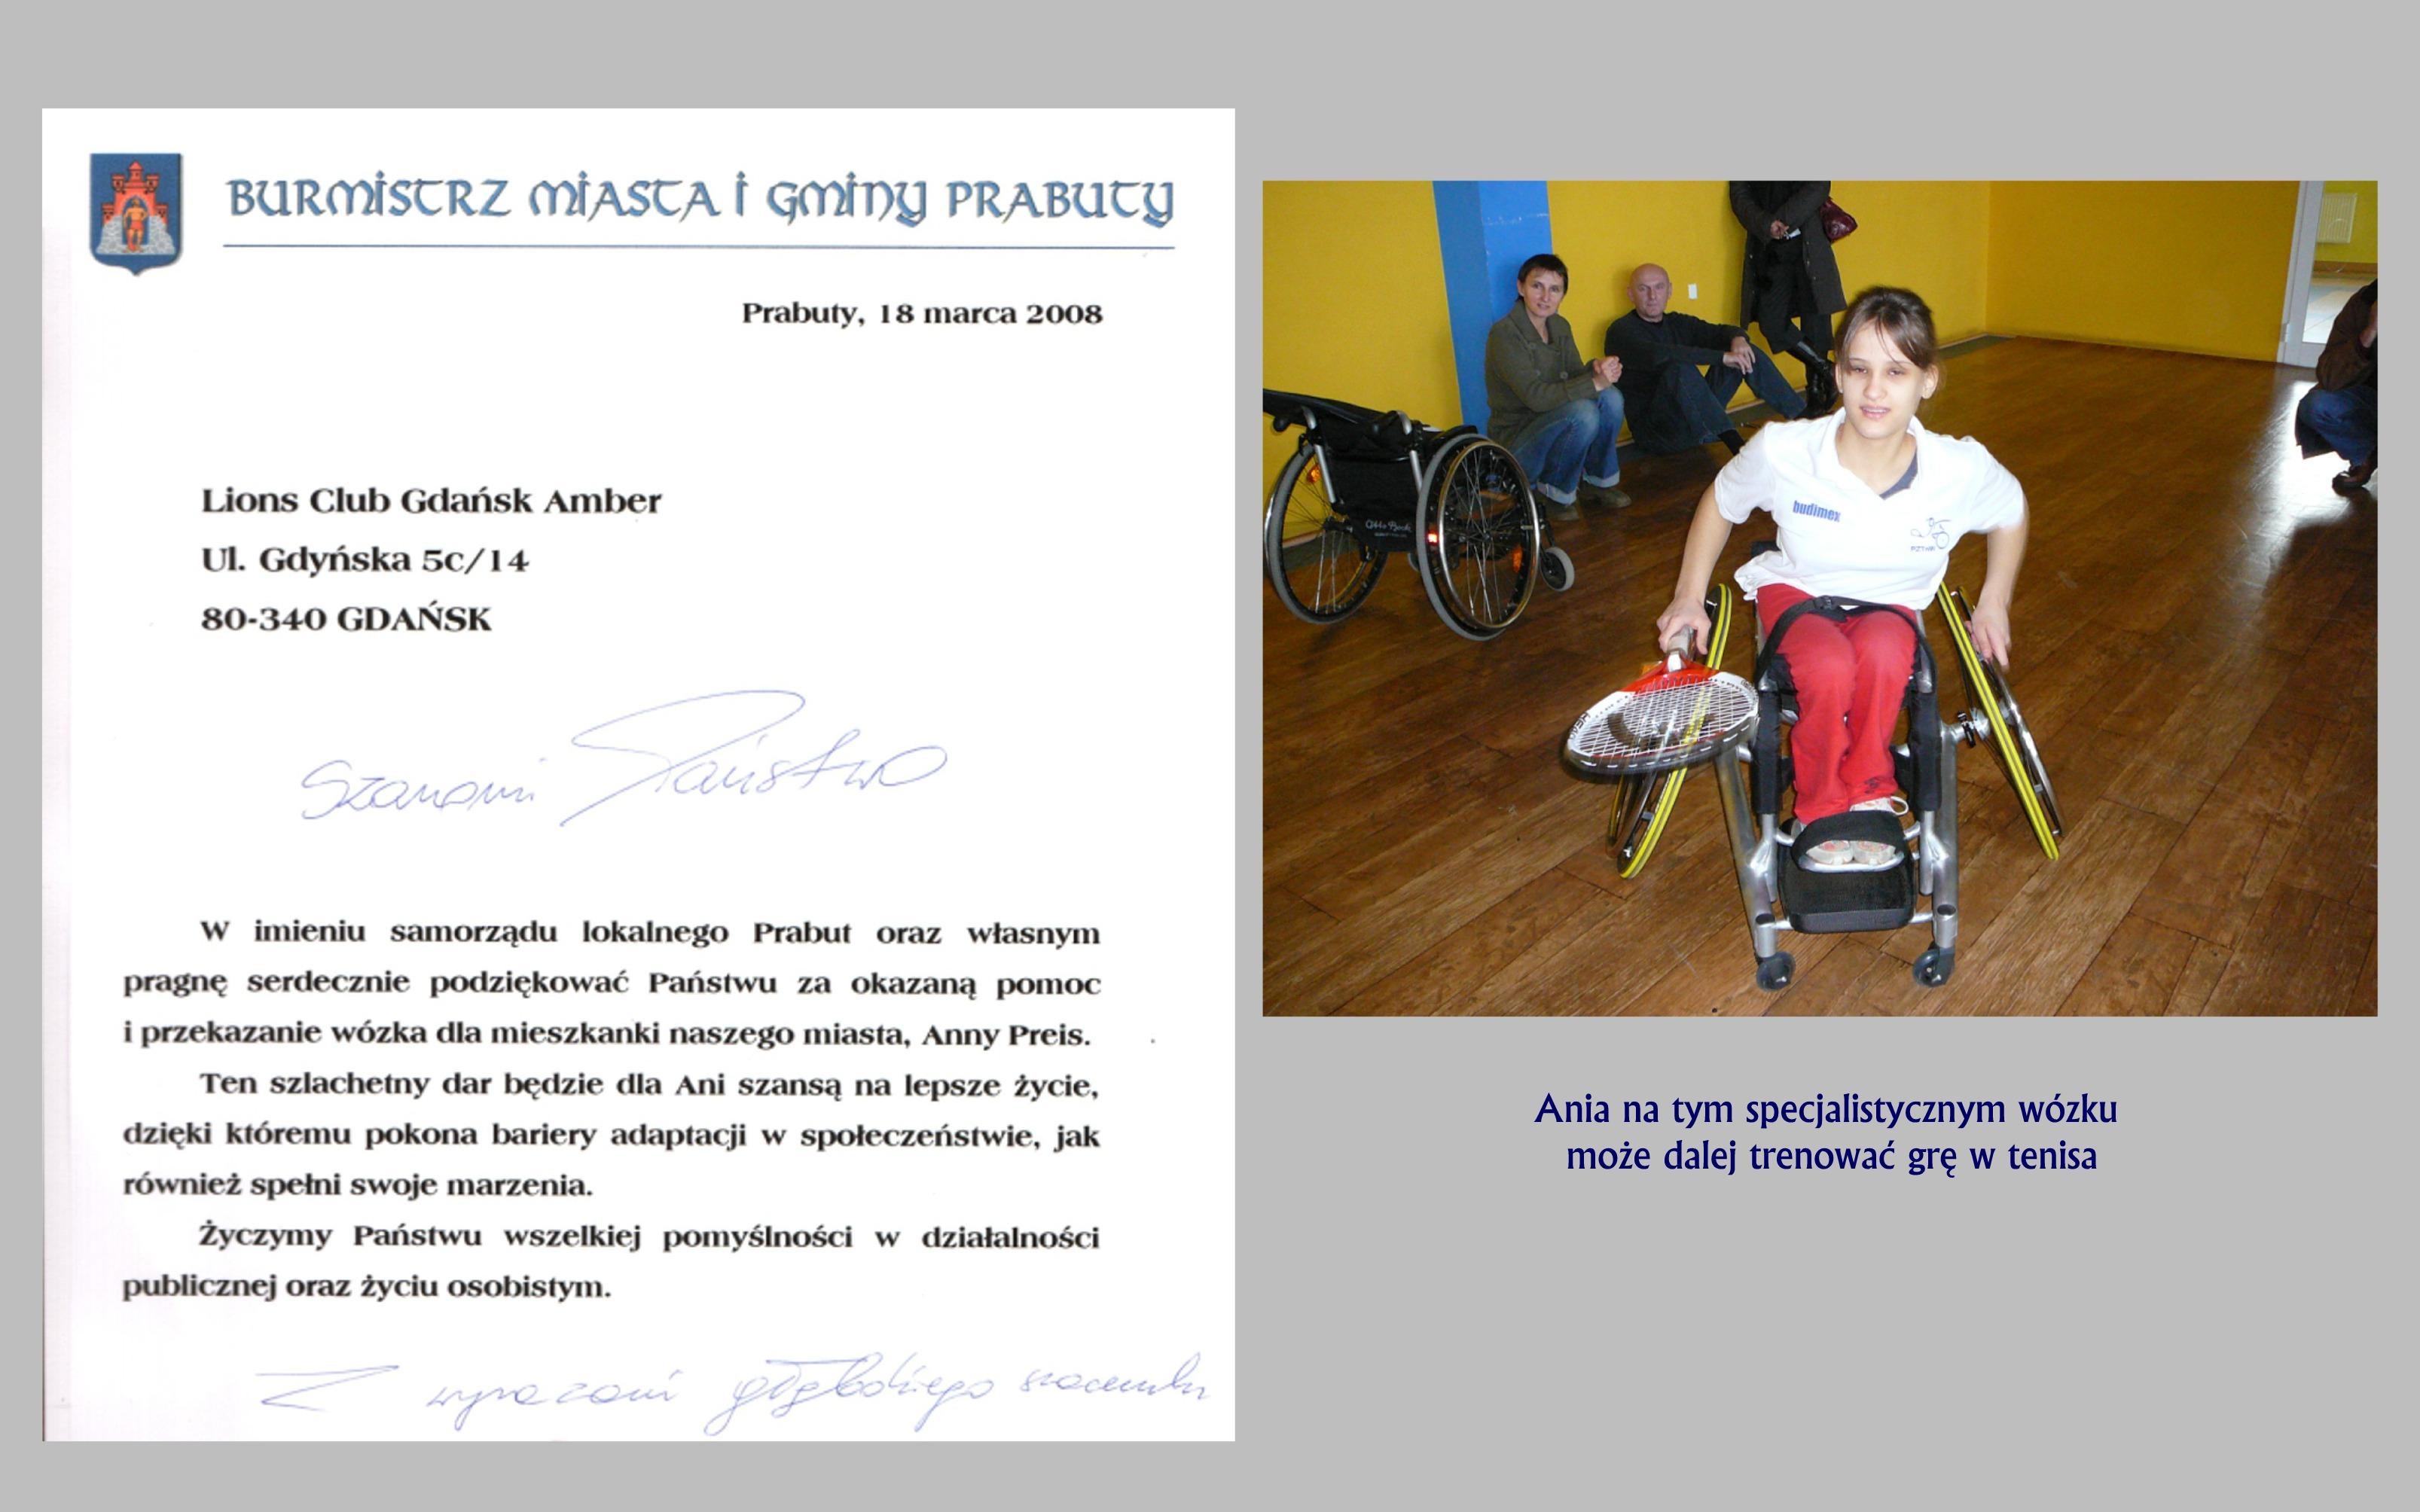 specjalistyczny-wozek-dla-ani-z-prabut-iii-2008-r